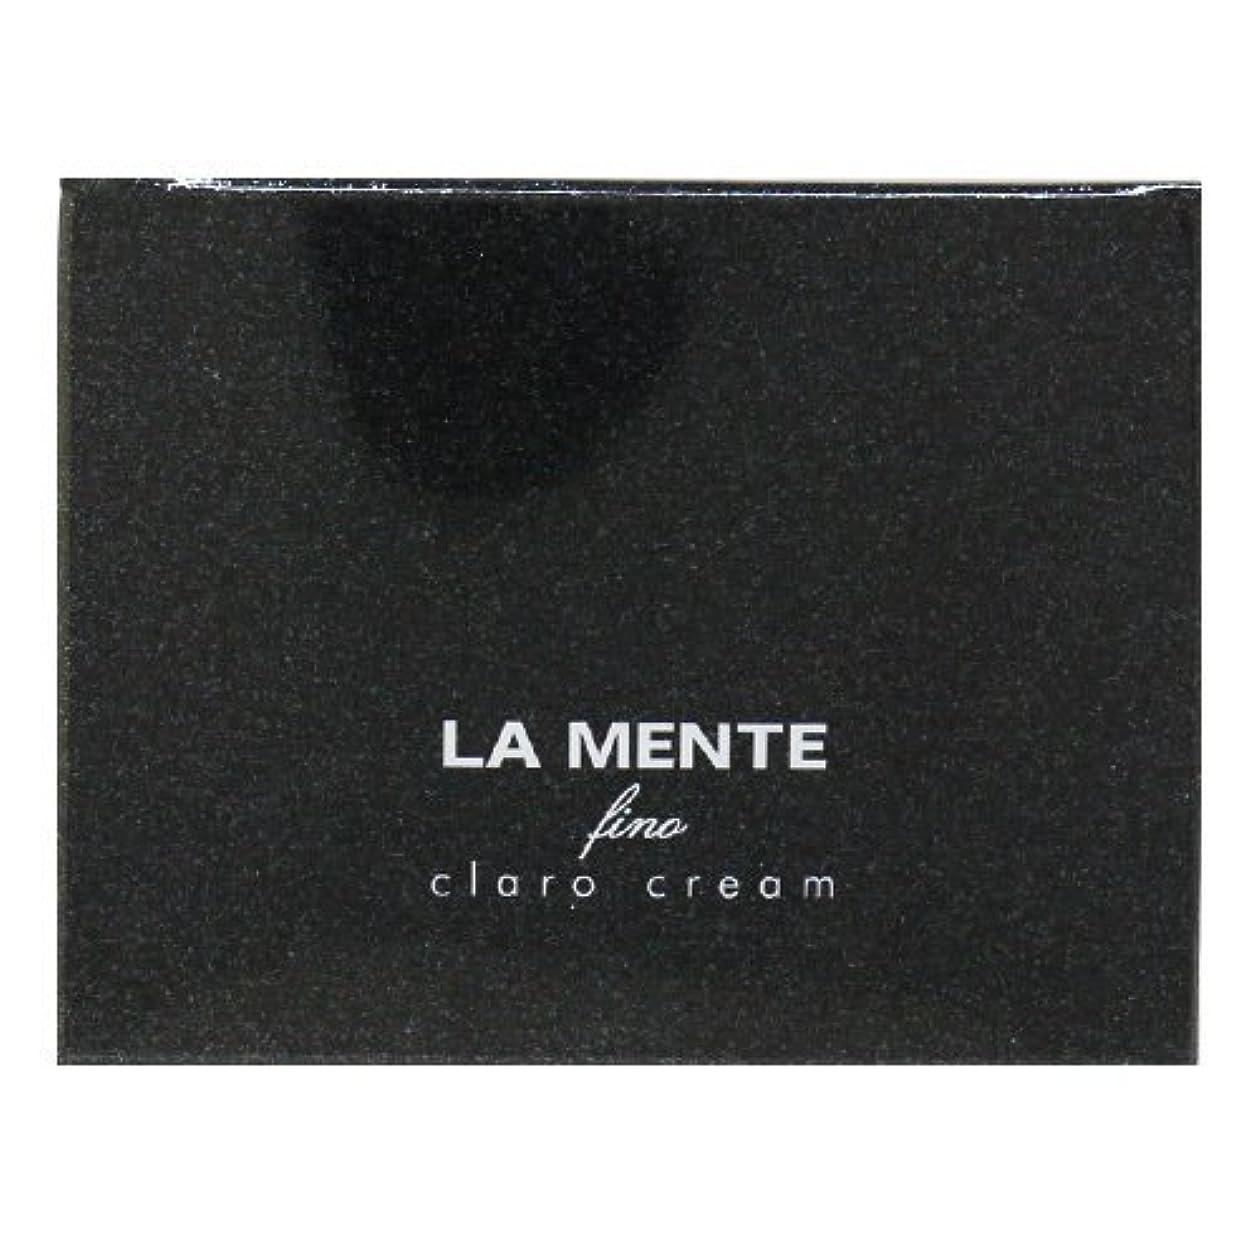 素晴らしいスキニージェムラメンテ フィーノ クラロクリーム 40g (4543802600963)